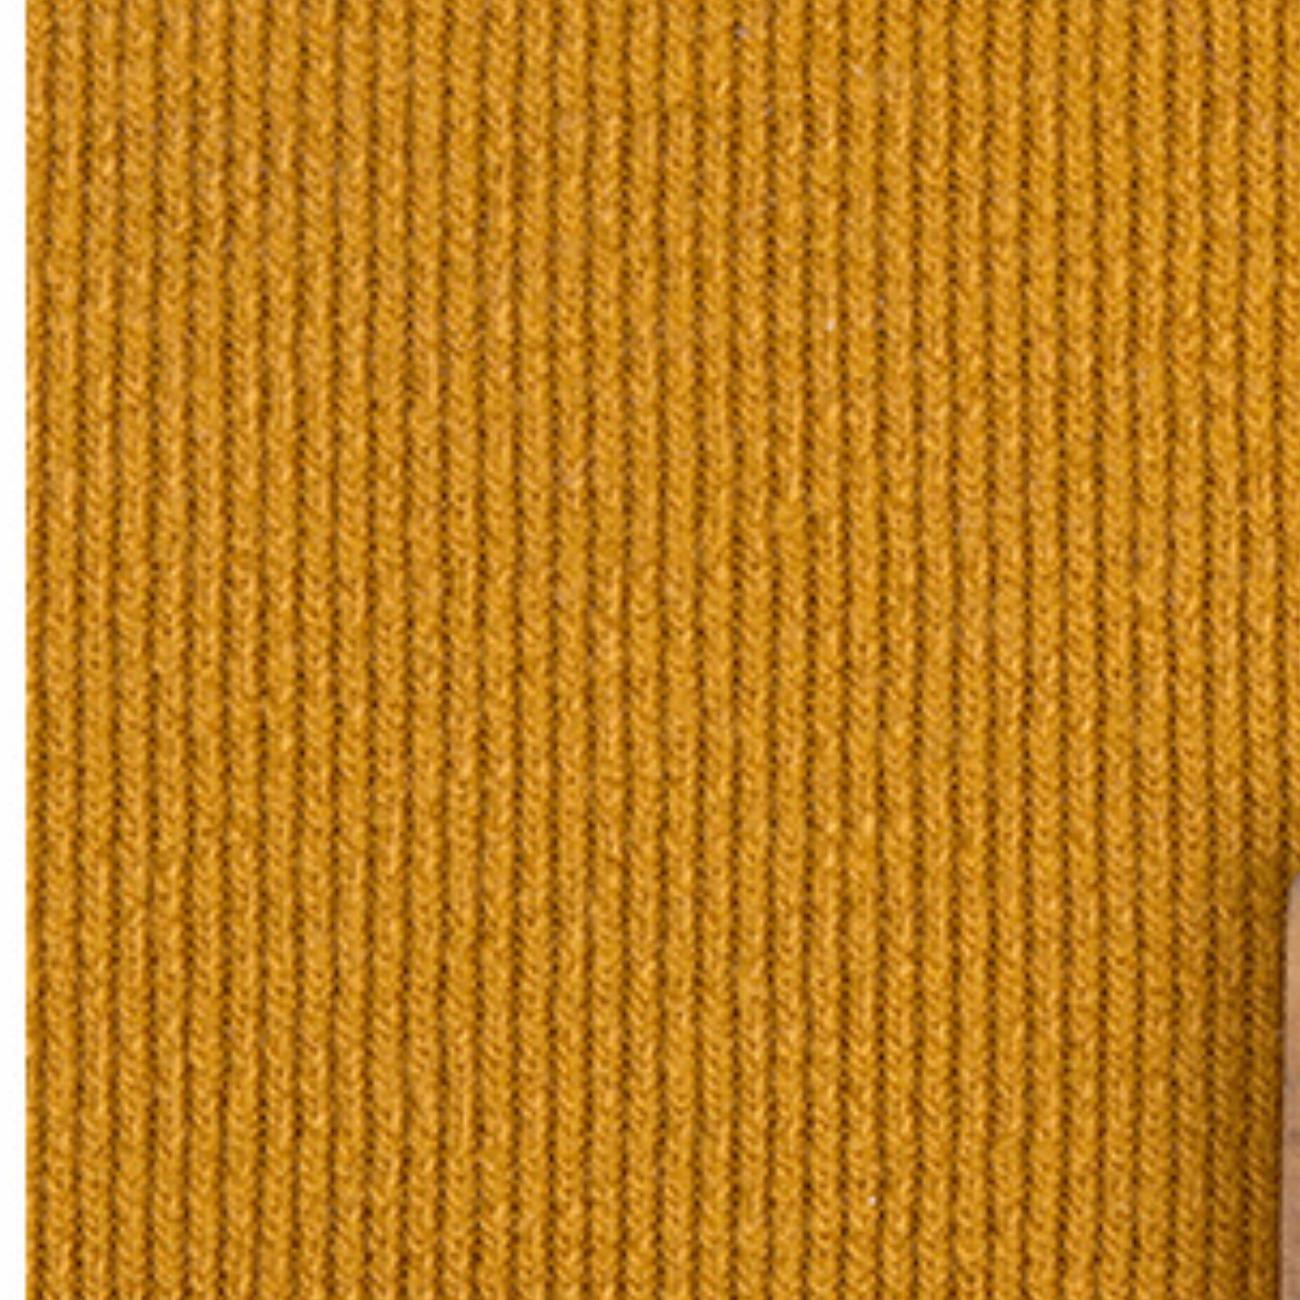 厂家直销 300g1*1罗纹坑条针织面料 棉涤弹力外套上衣女布料批发